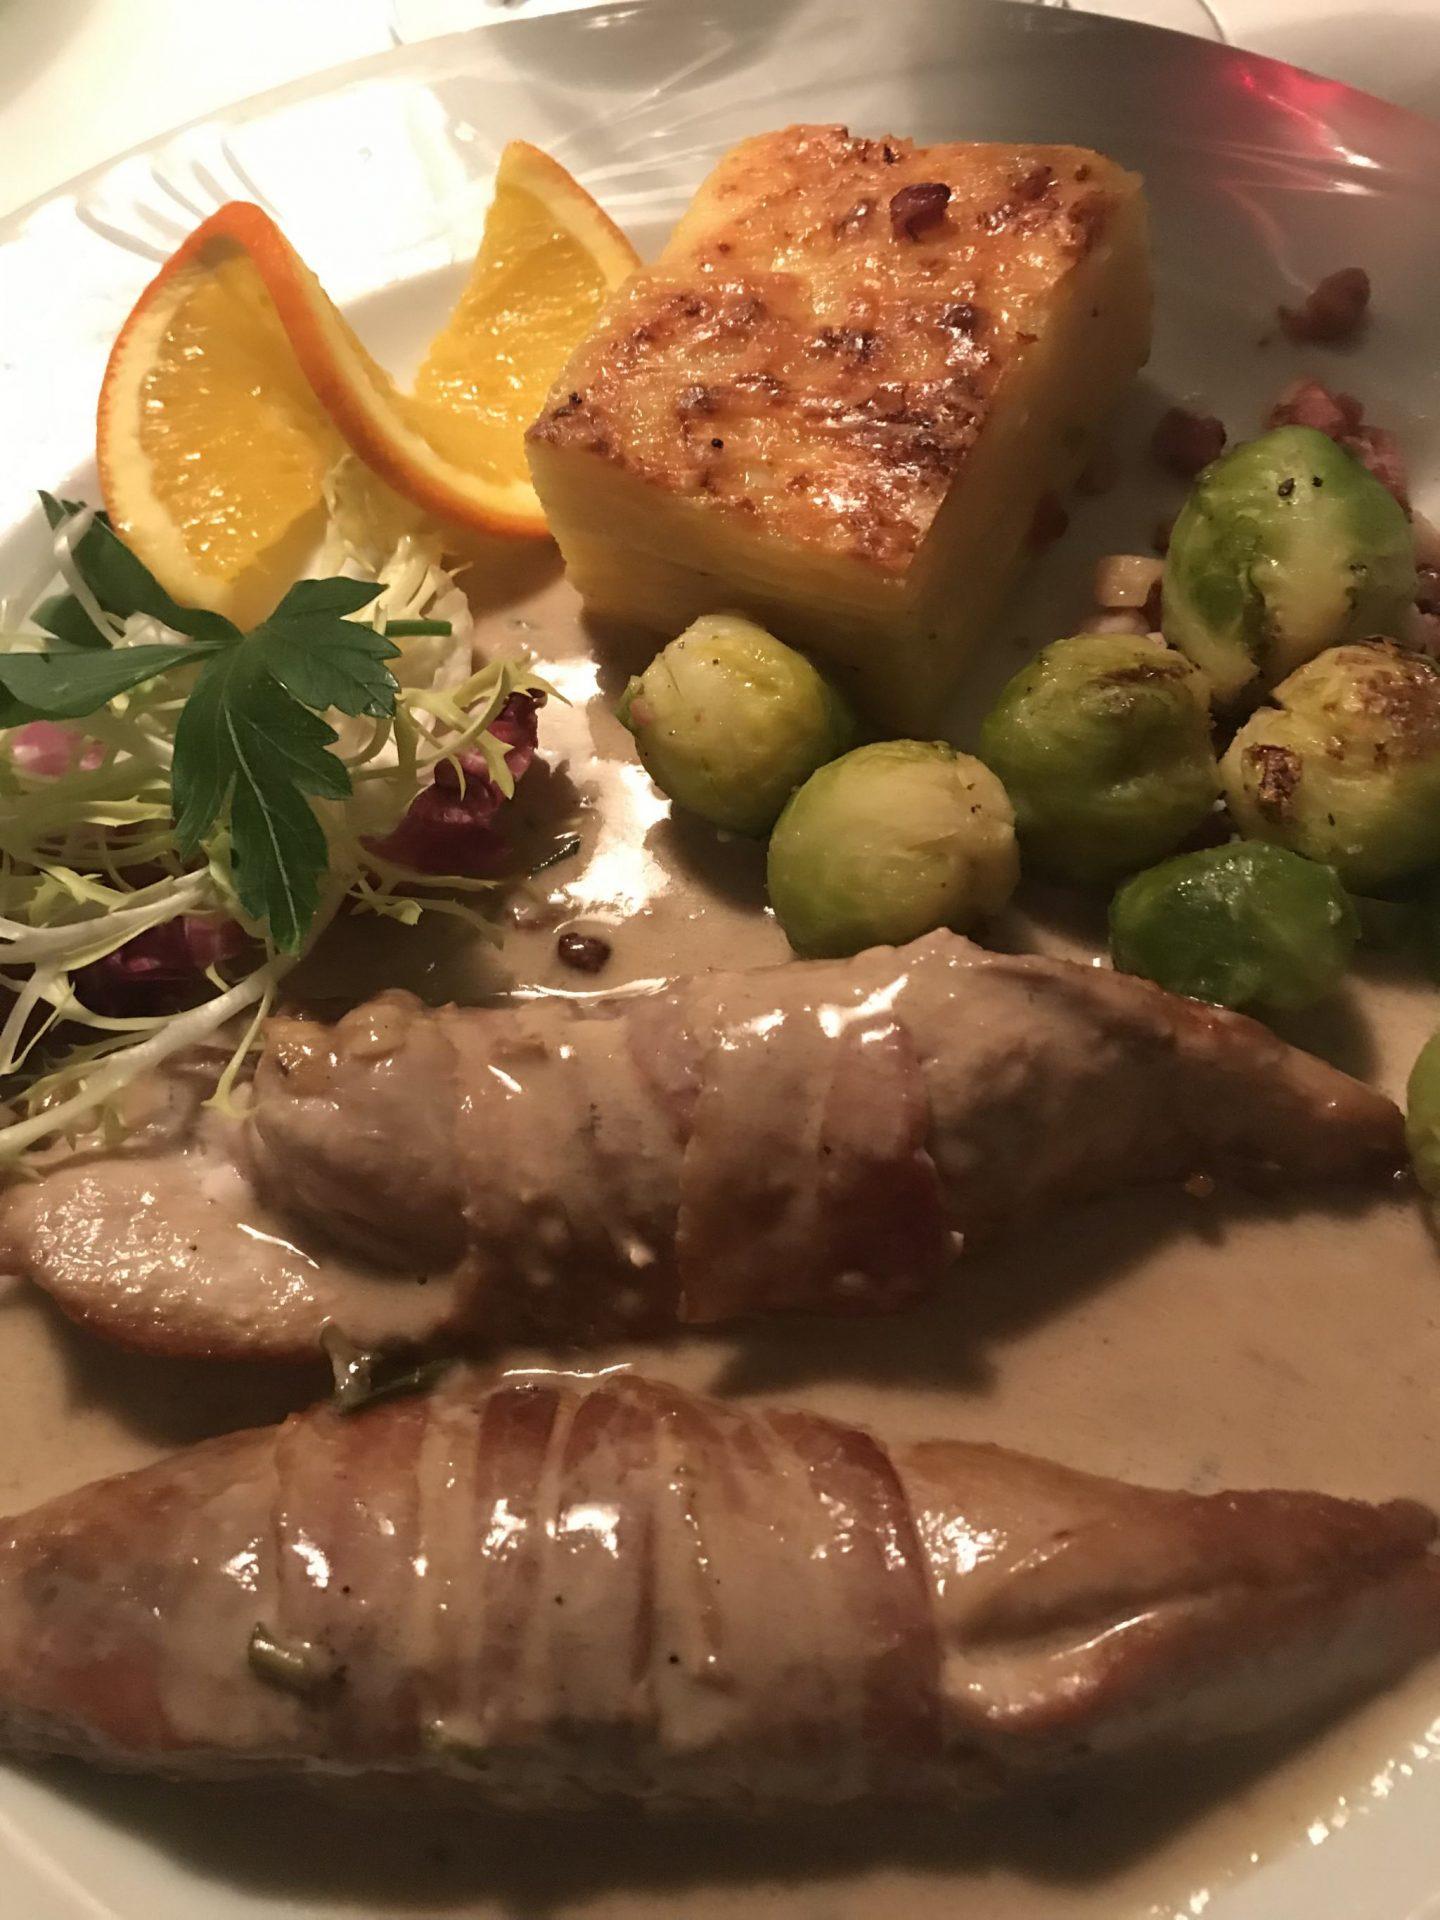 Fasan Speck Rosmarin Schlemmer-Menü Elsässer Stube Herne Foodblog Sternestulle